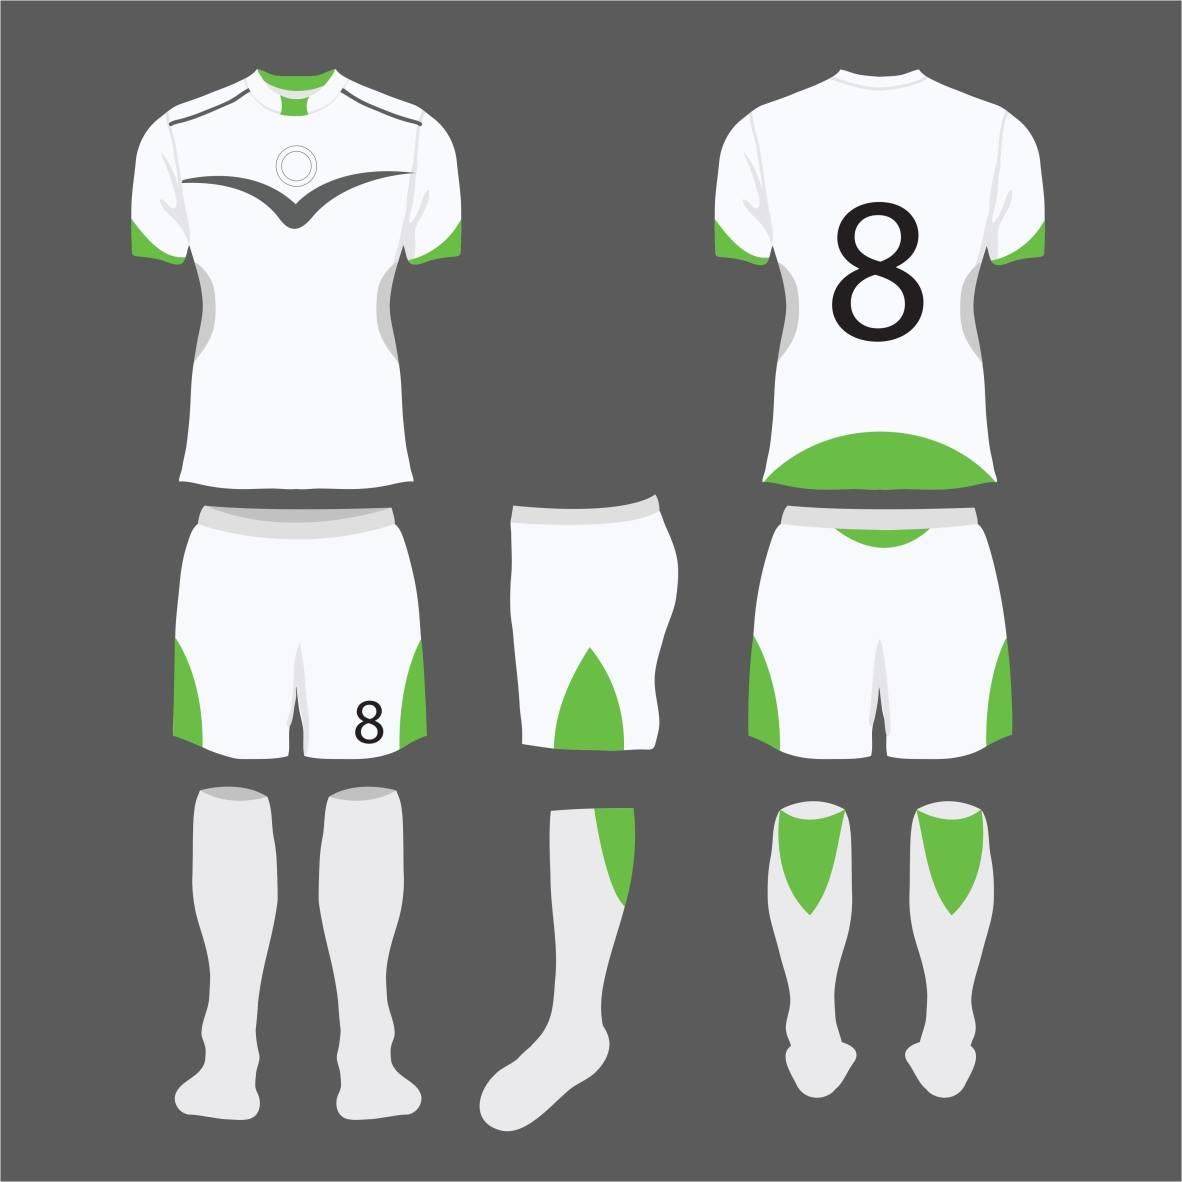 697f63494945 Αθλητικά είδη. Εμφανίσεις  Μπουφάν  Φόρμες αποστολής  Ρούχα προπόνησης   Πόλο μπλουζάκια ...